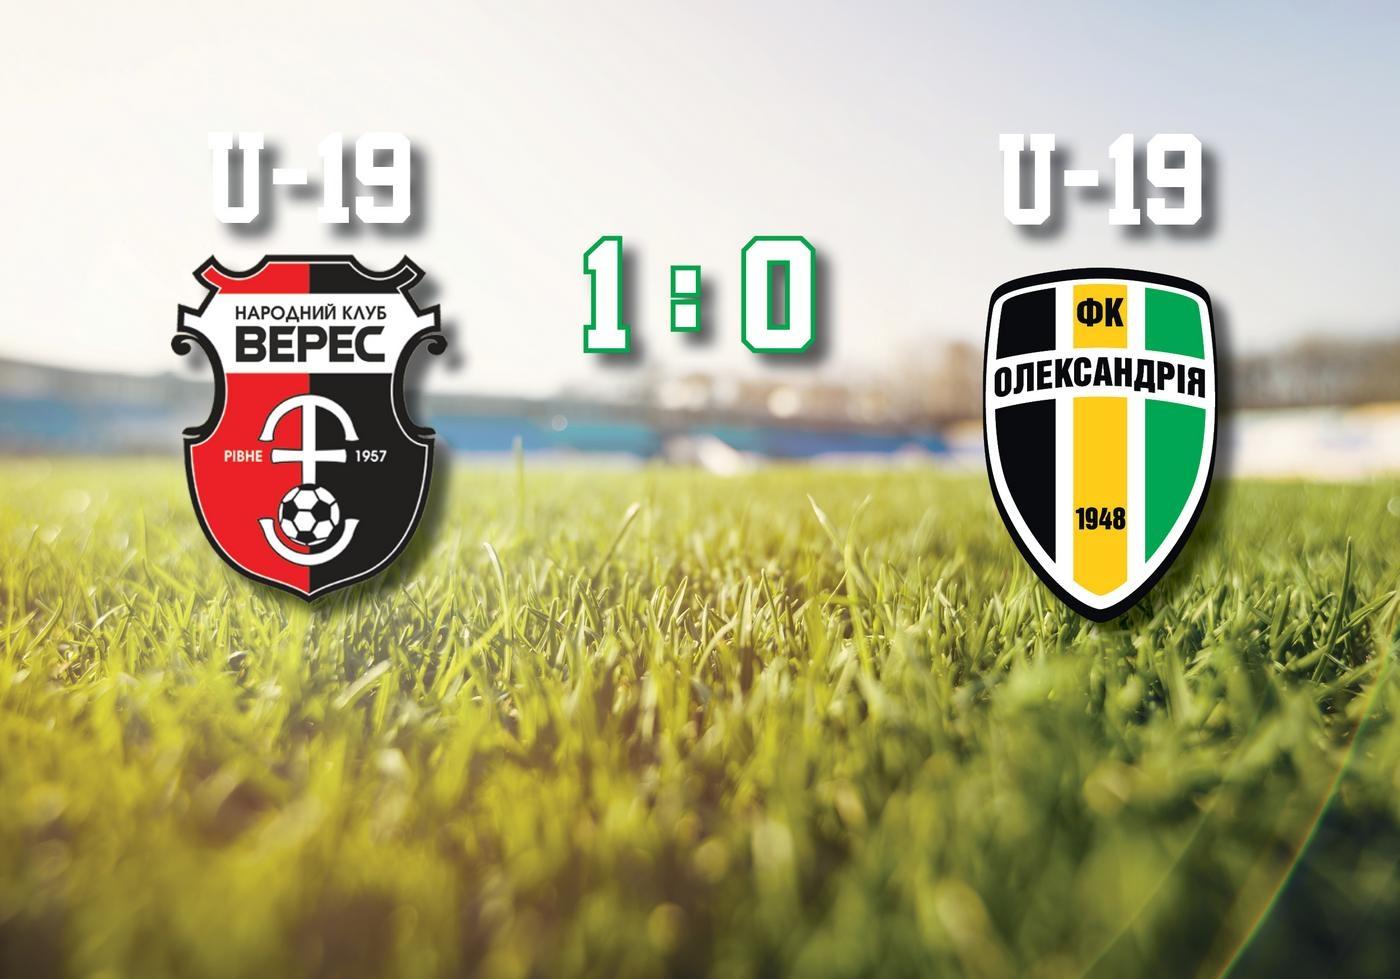 U-19: ФК «Верес» – ФК «Олександрія» – 1:0